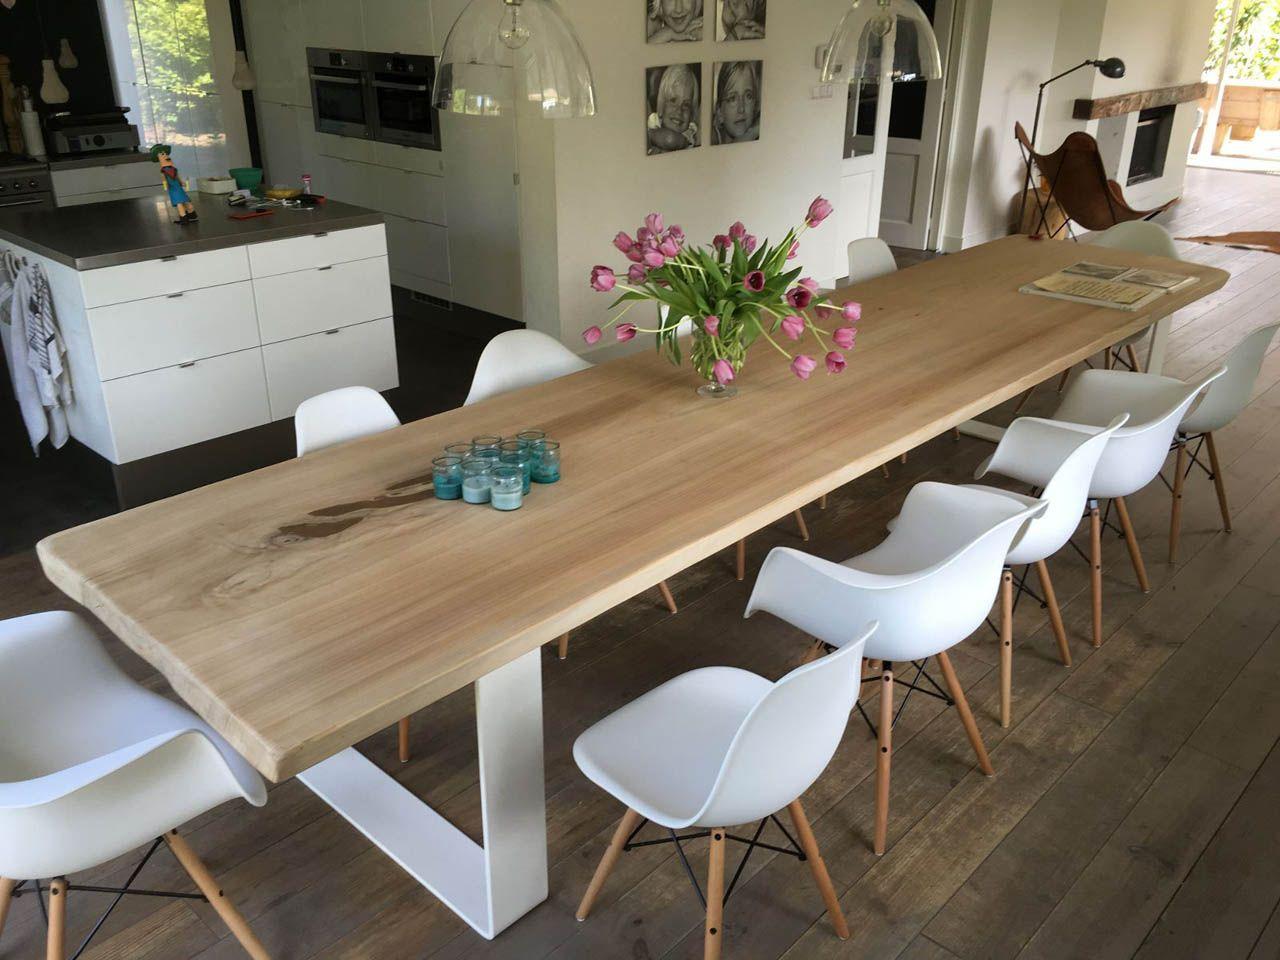 Grote Witte Tafel : Genoeg grote witte tafel qn belbin